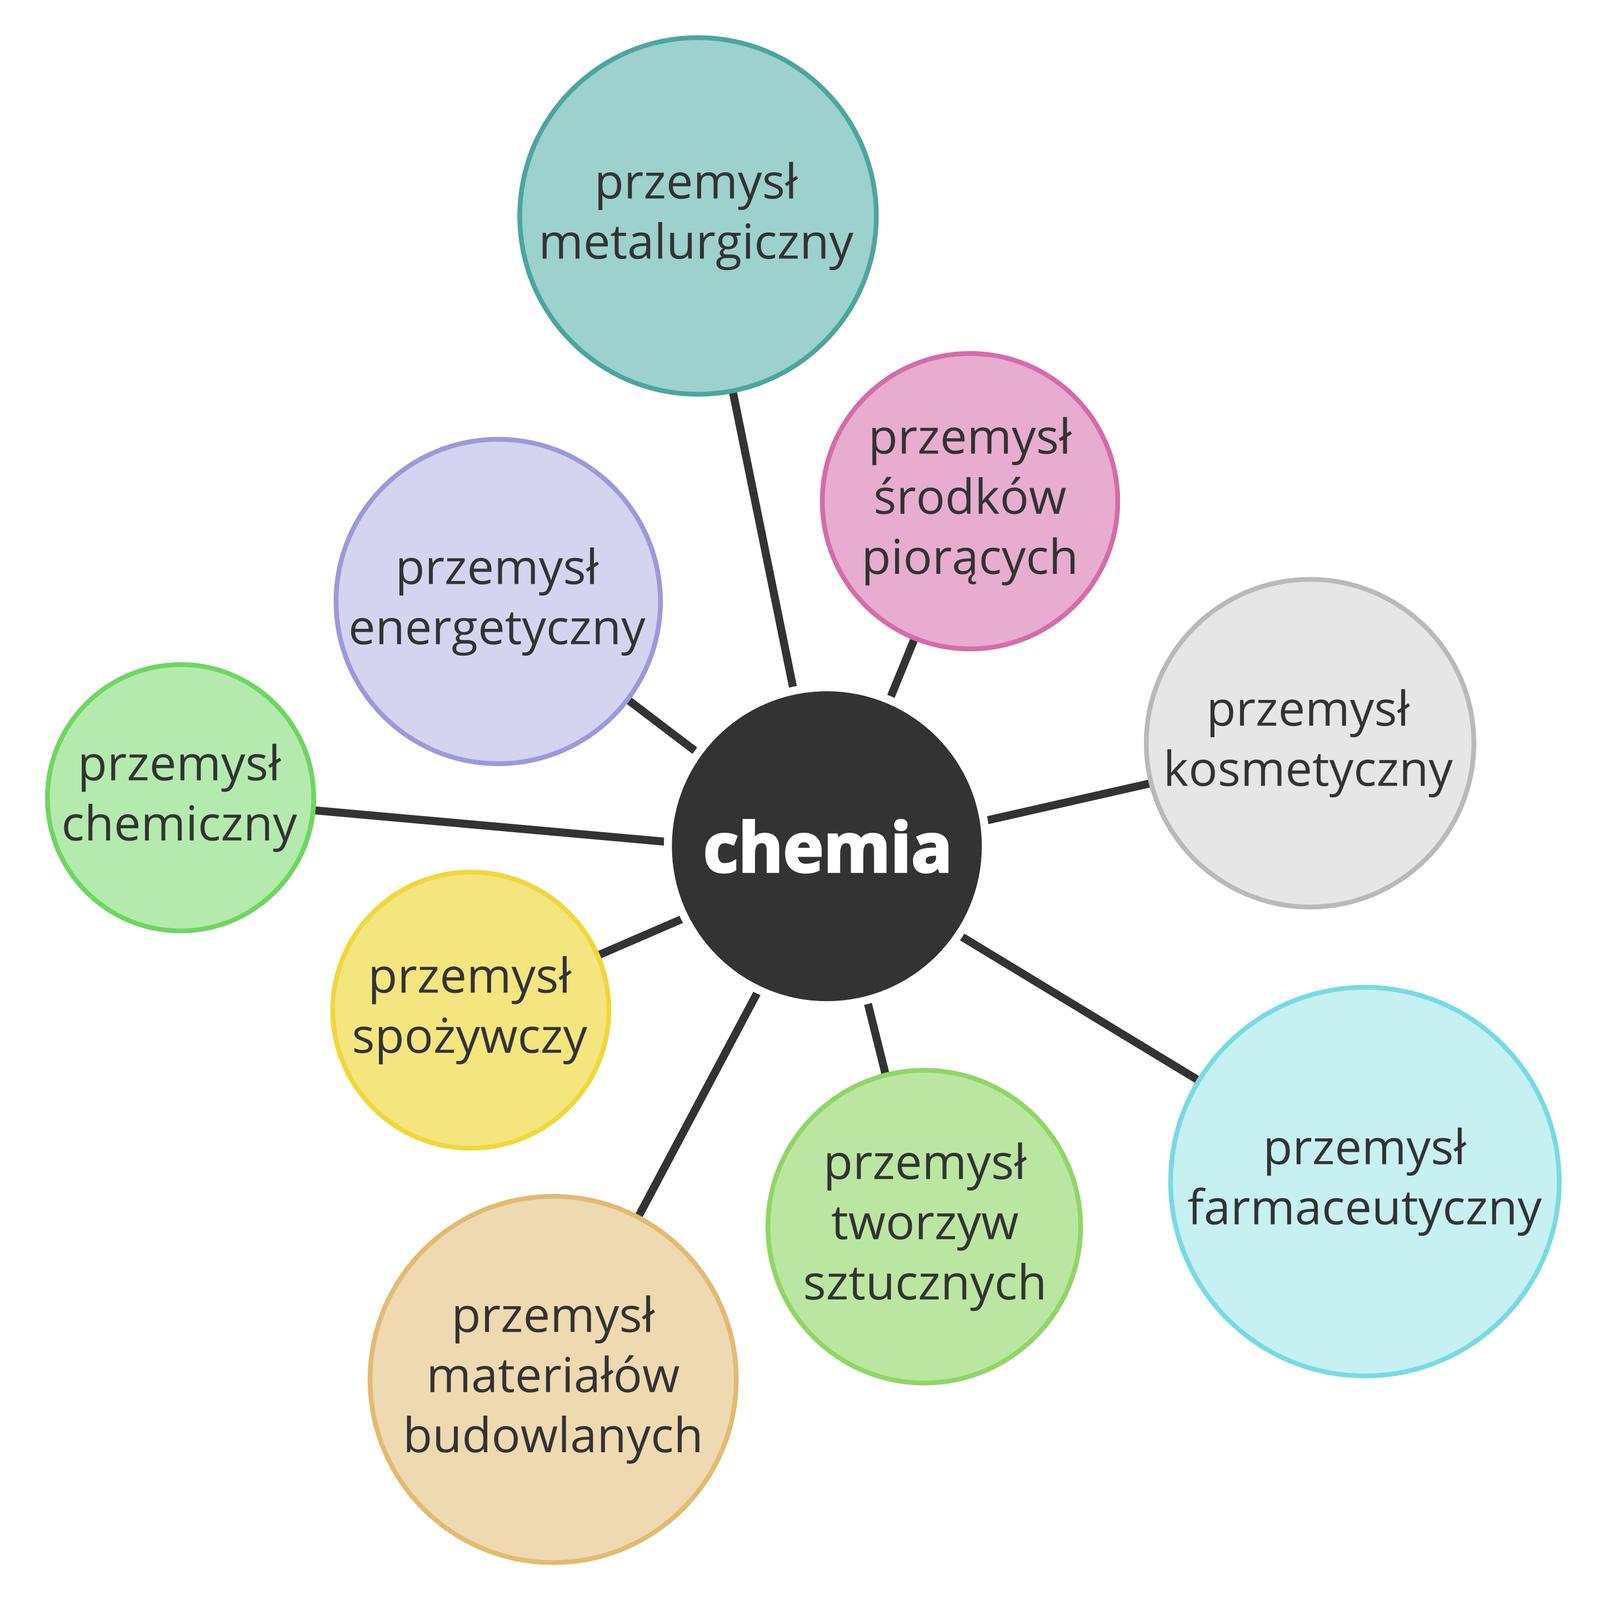 Ilustracja przedstawiająca gałęzie przemysłu mające związek zchemią. Wsamym środku znajduje się czarne koło znapisem Chemia. Do niego prowadzą różnokolorowe okręgi znazwami przemysłu. Licząc od góry wkierunku ruchu wskazówek zegara są to: przemysł metalurgiczny, przemysł środków piorących, przemysł kosmetyczny, przemysł farmaceutyczny, przemysł tworzyw sztucznych, przemysł materiałów budowlanych, przemysł spożywczy, przemysł chemiczny oraz przemysł energetyczny.